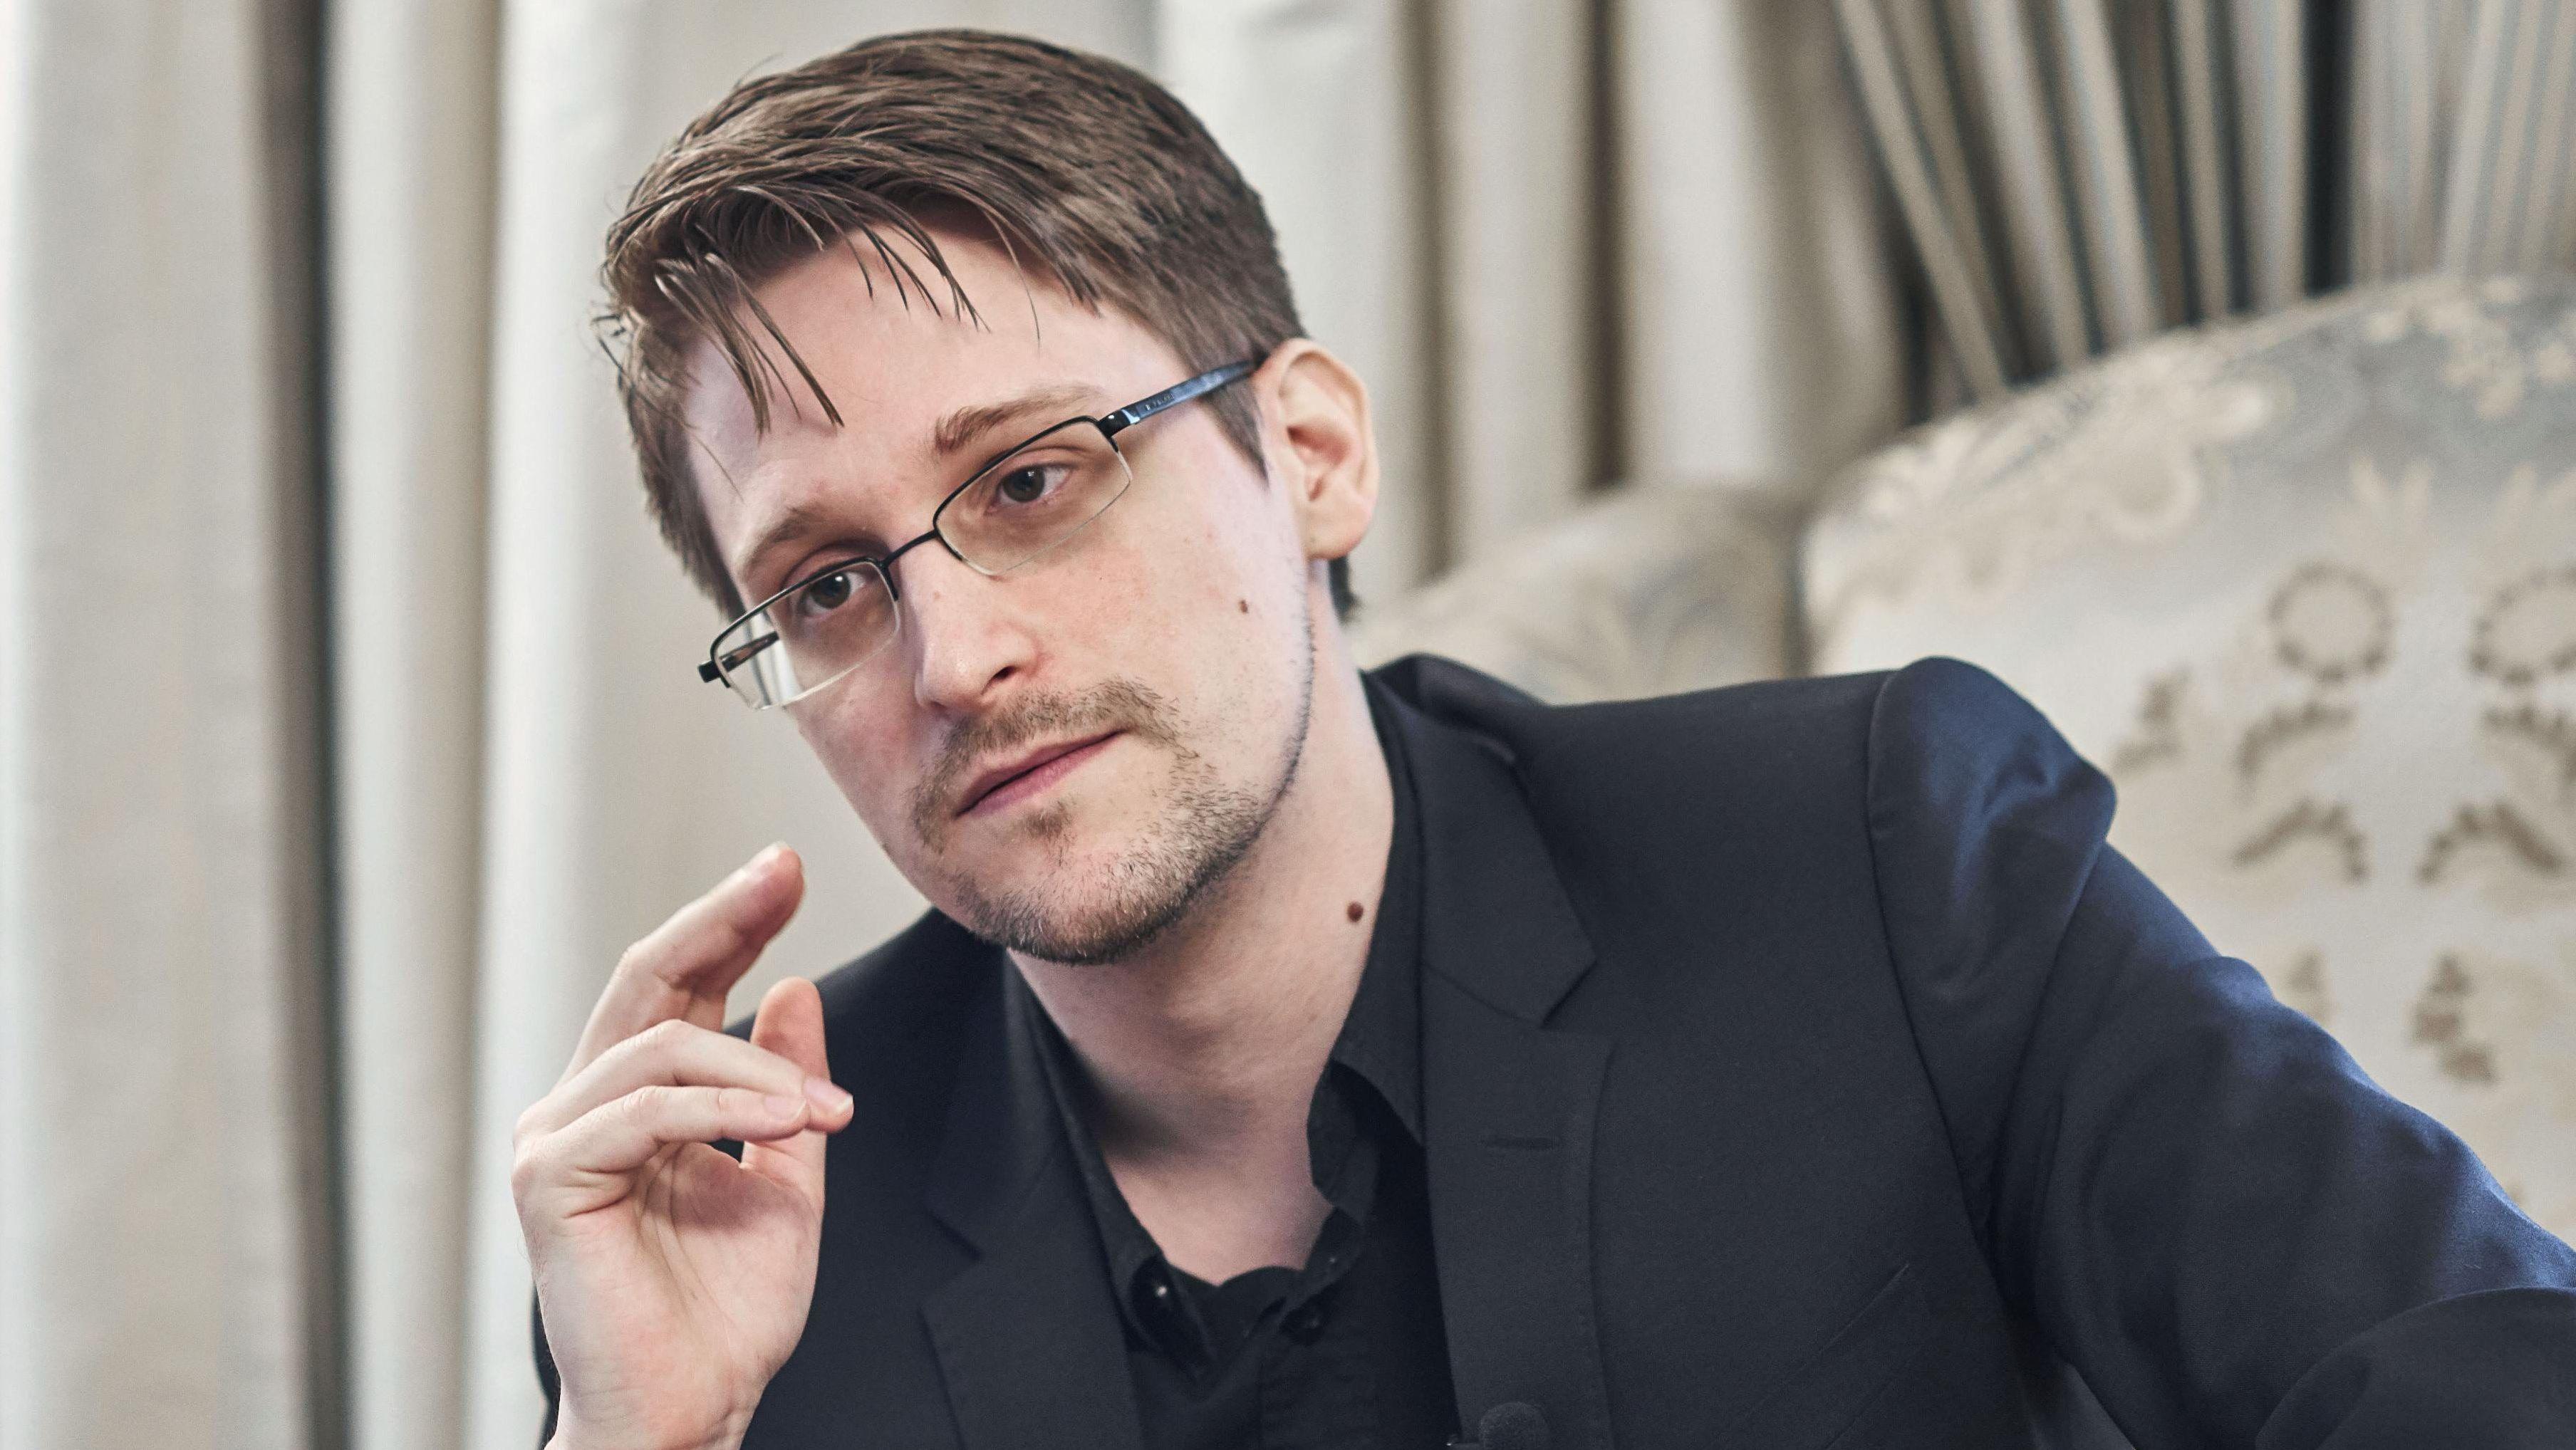 Edward Snowden sitzt in einem Sessel, die schweren Vorhänge hinter ihm sind zugezogen